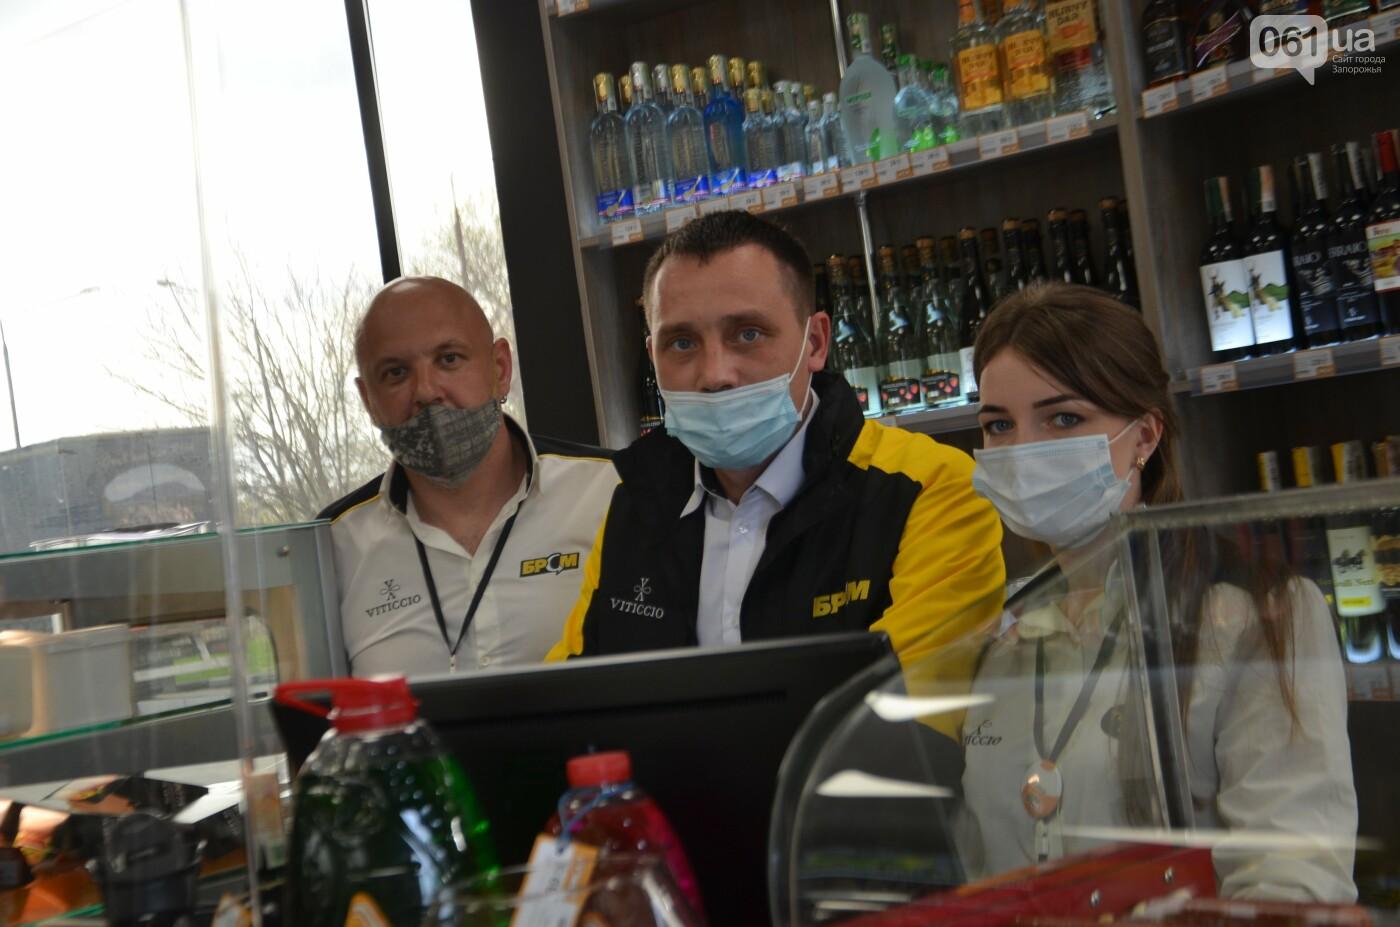 Отличный сервис, приятные цены и акции: в Запорожье открыли два новых автозаправочных комплекса БРСМ-Нафта, фото-29